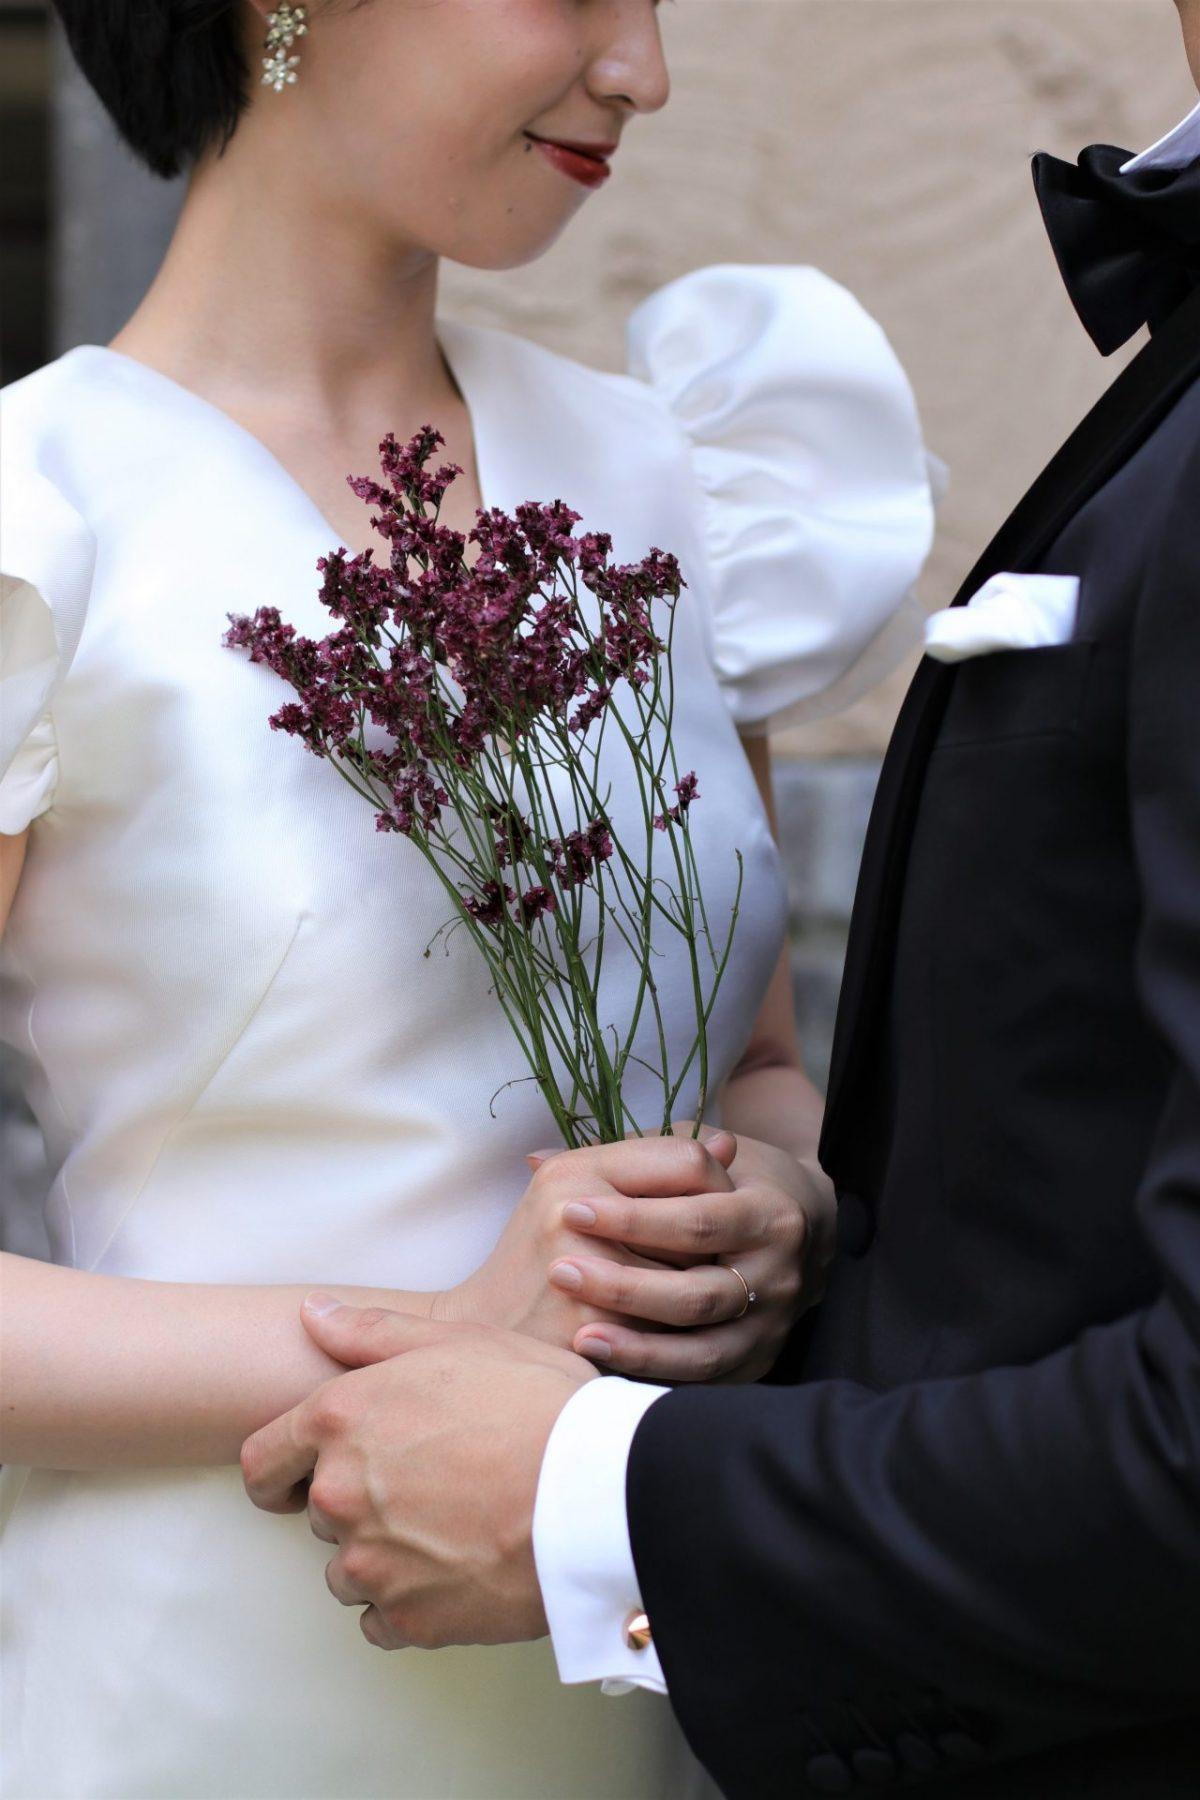 赤坂プリンスクラシックハウスの専属提携ドレスショップである、THETREATDRESSINGADDITION店に新作入荷したハーフペニー・ロンドンは、秋の結婚式ではボルドーや赤のブーケを合わせるとおしゃれな花嫁に人気がでそうです。